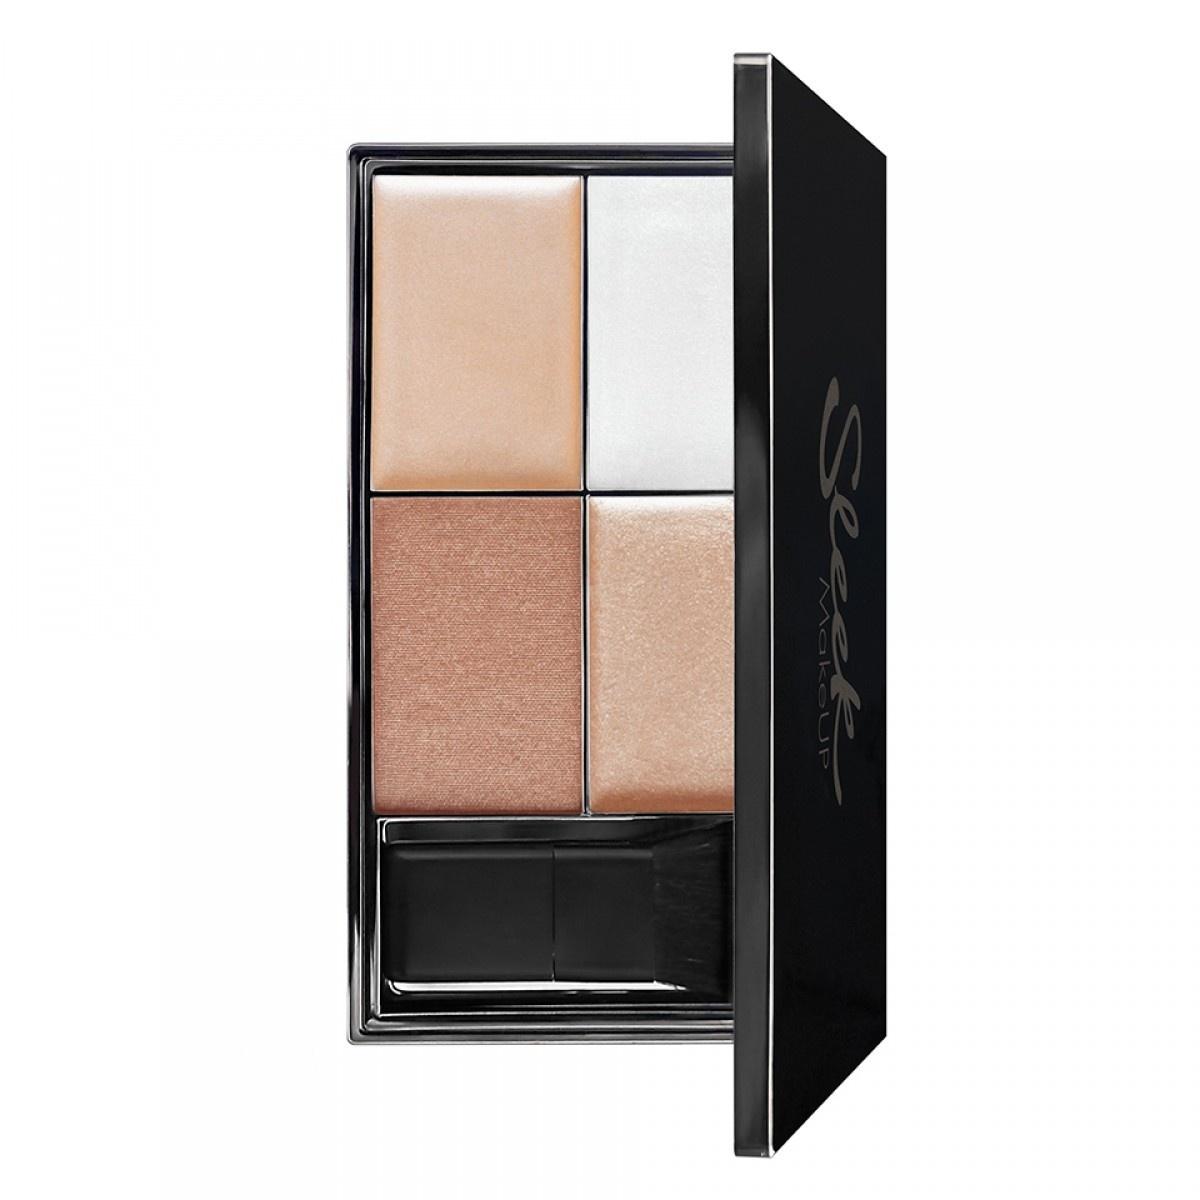 Купить со скидкой Хайлайтер Sleek MakeUP Precious Metals Highlighting Palette, палетка 029 (Хайлайтер)